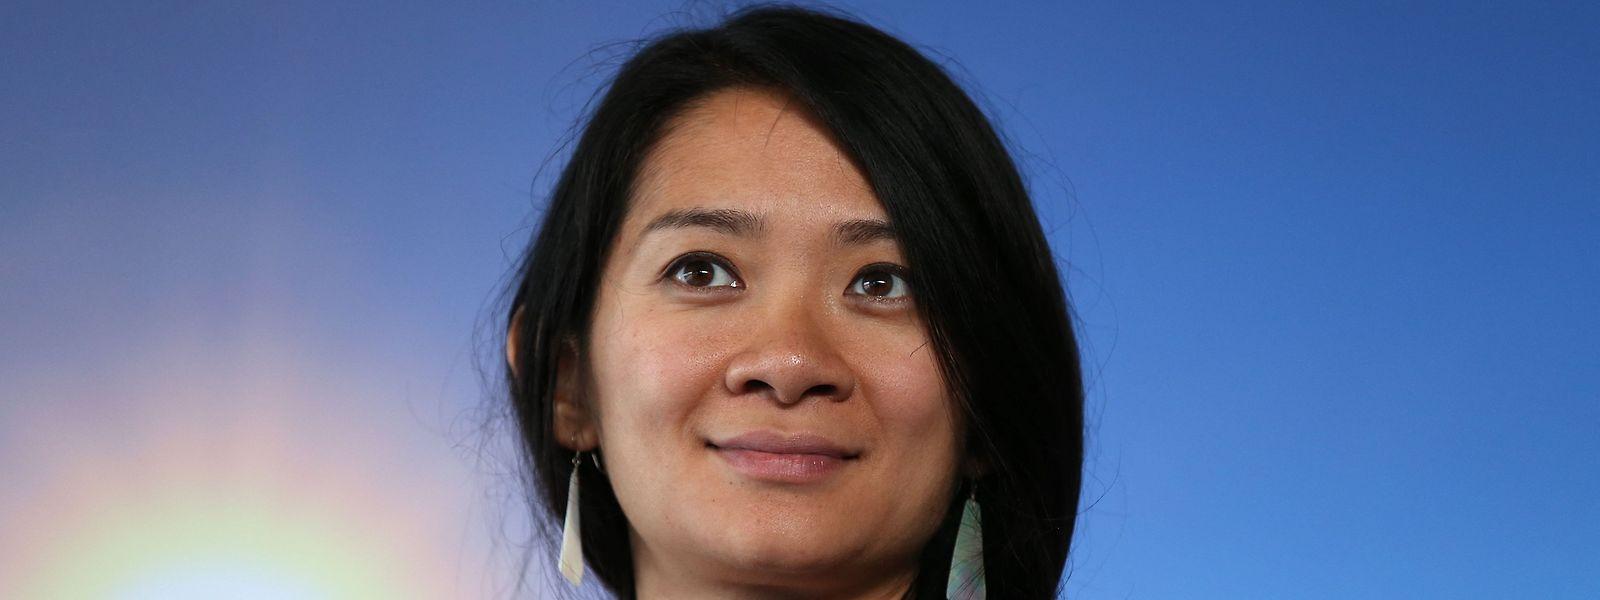 A realizadora sino-americana tornou-se na segunda mulher e a primeira negra a ganhar o BAFTA de melhor realização.